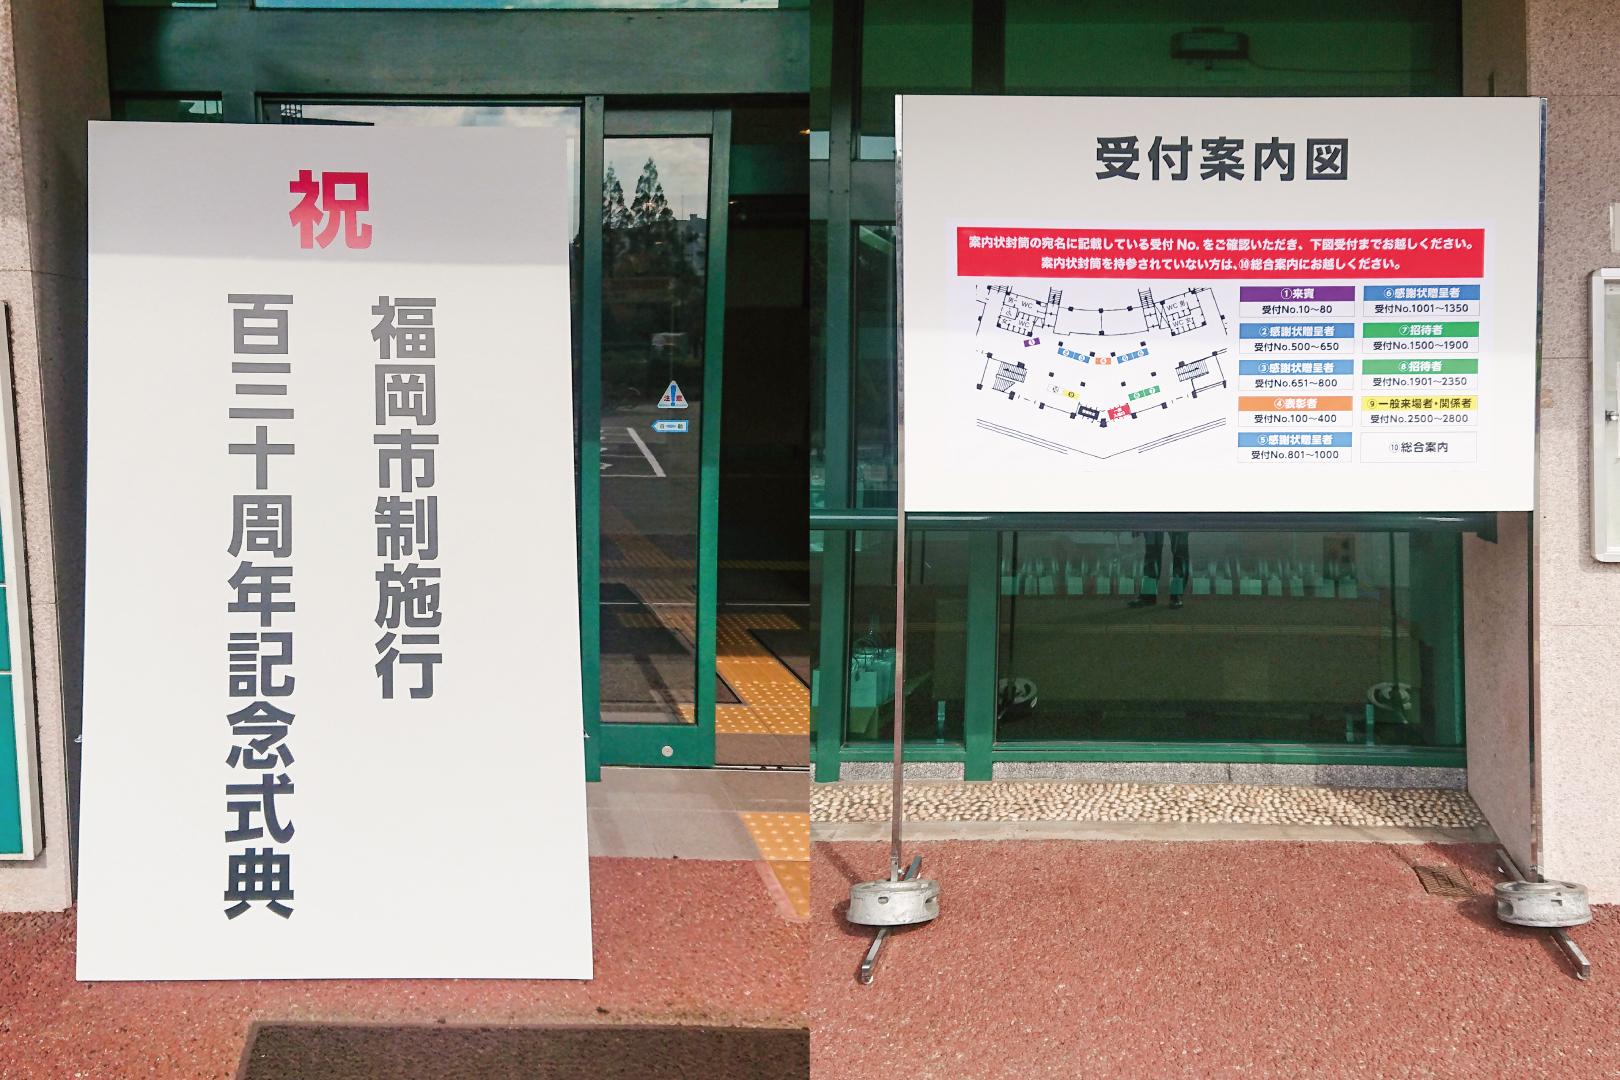 福岡市制施行130周年記念式典<br/> 式典運営・会場設営・看板製作